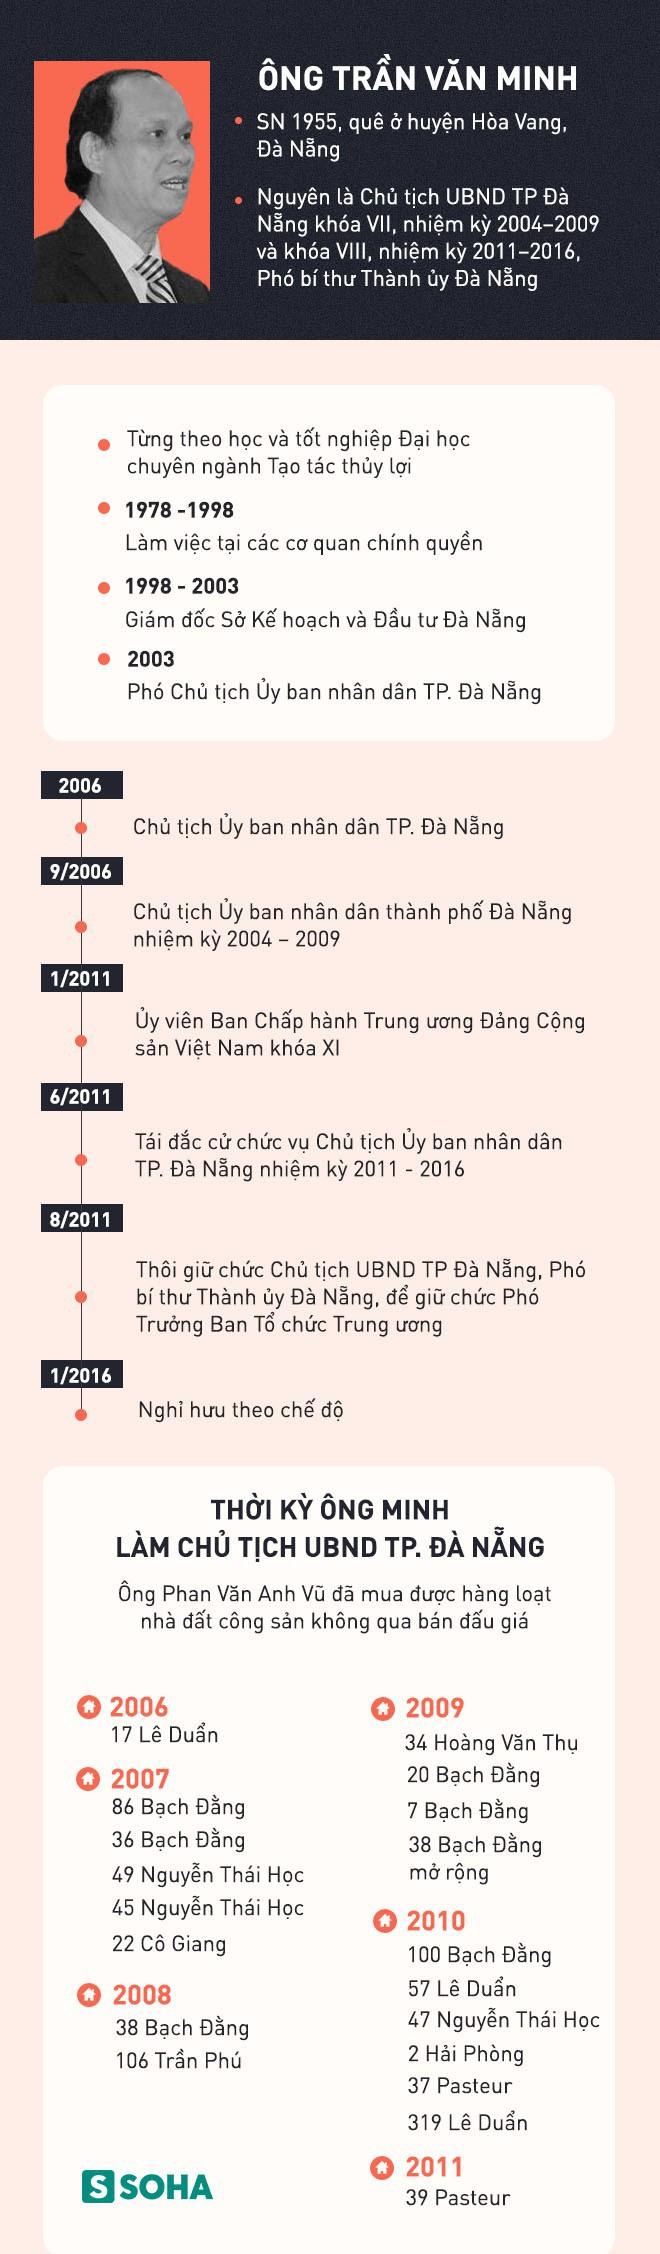 Vụ khởi tố cựu Chủ tịch Đà Nẵng: Đại gia Phạm Công Danh mua bán sân Chi Lăng như thế nào? - Ảnh 6.